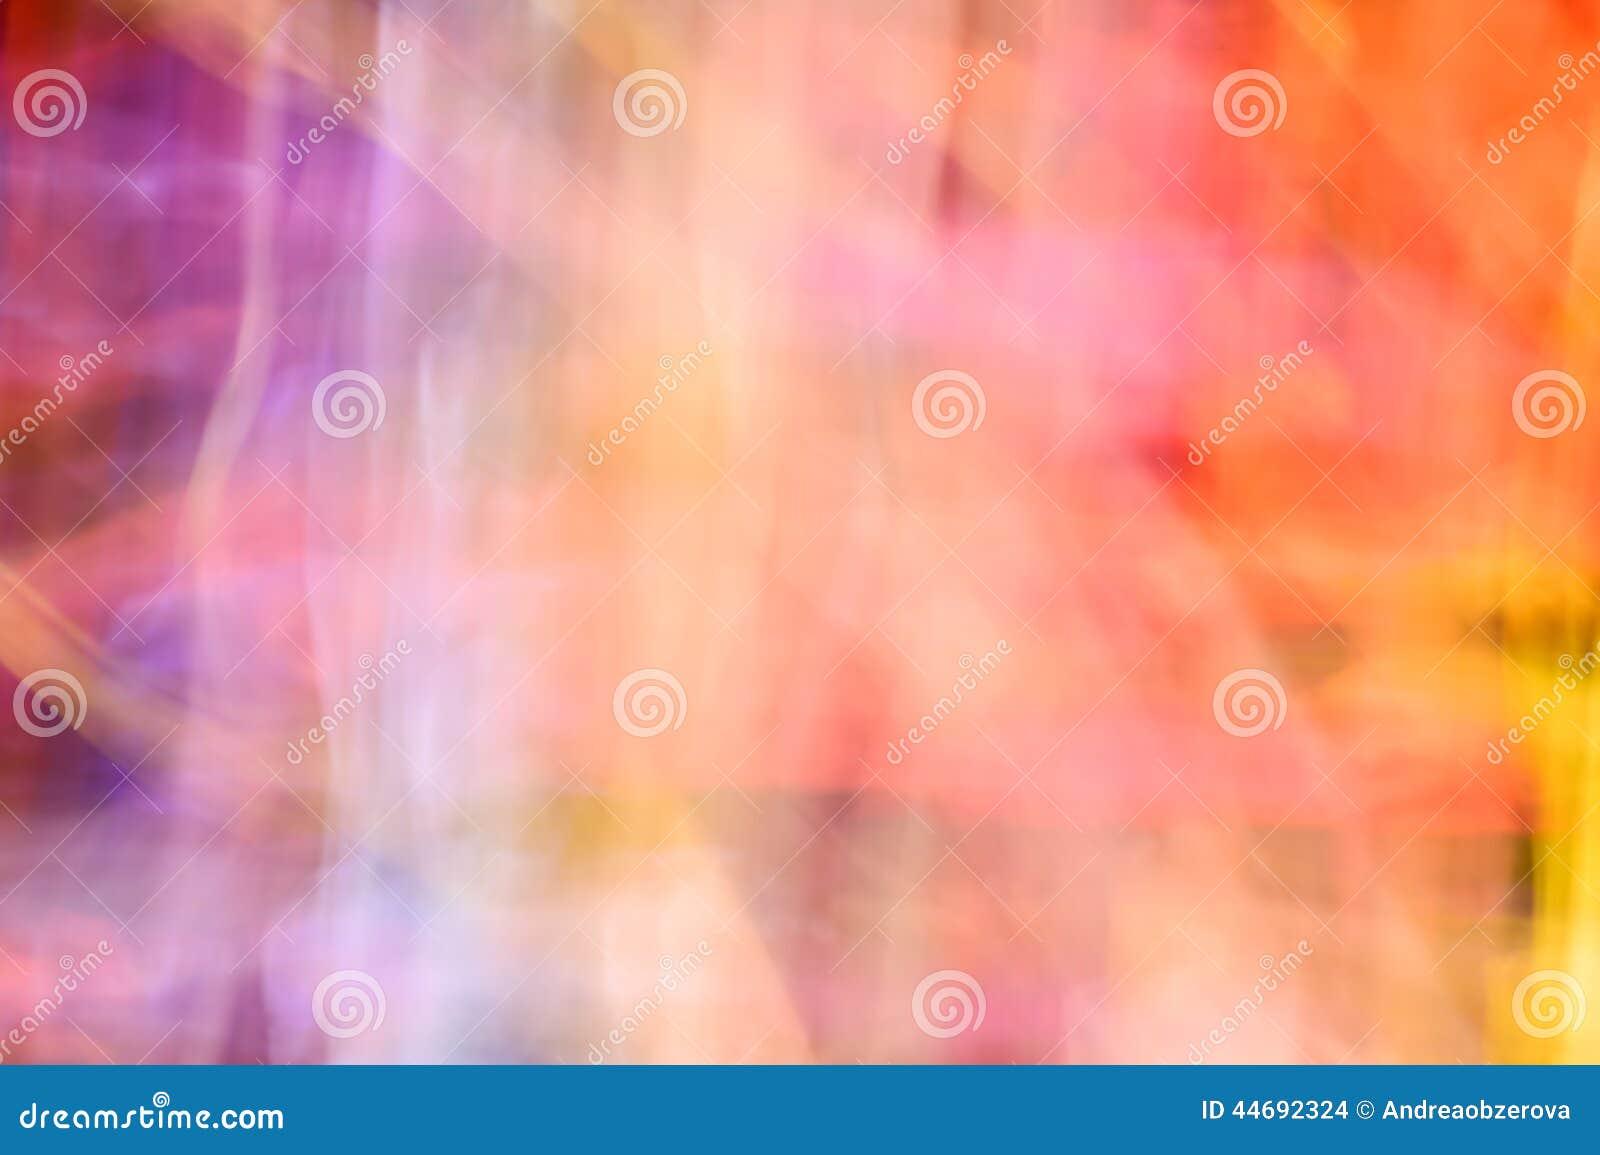 Fondo de los efectos luminosos, fondo ligero abstracto, escape ligero